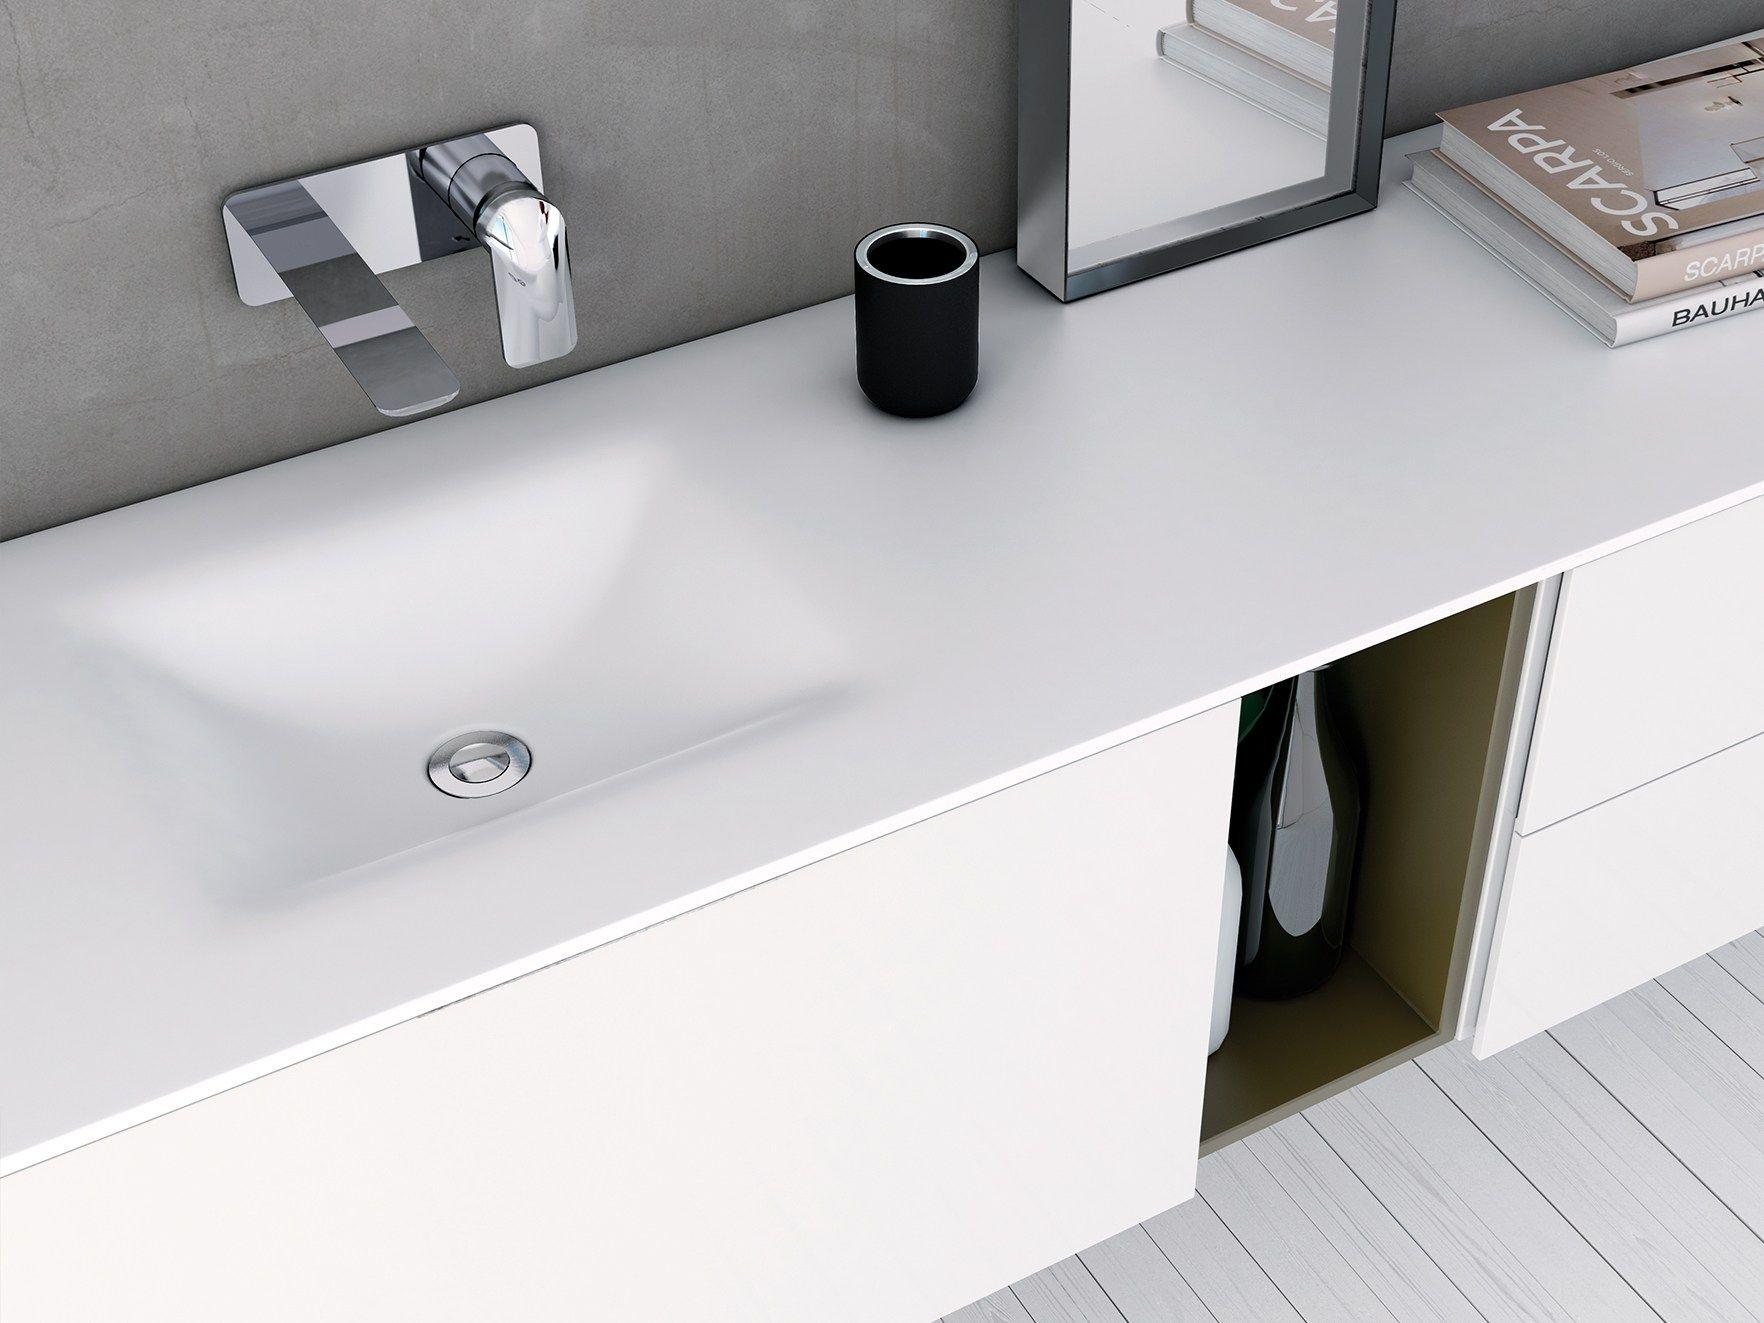 d4 waschtisch aus corian® by inbani design inbani | bad, Badezimmer ideen